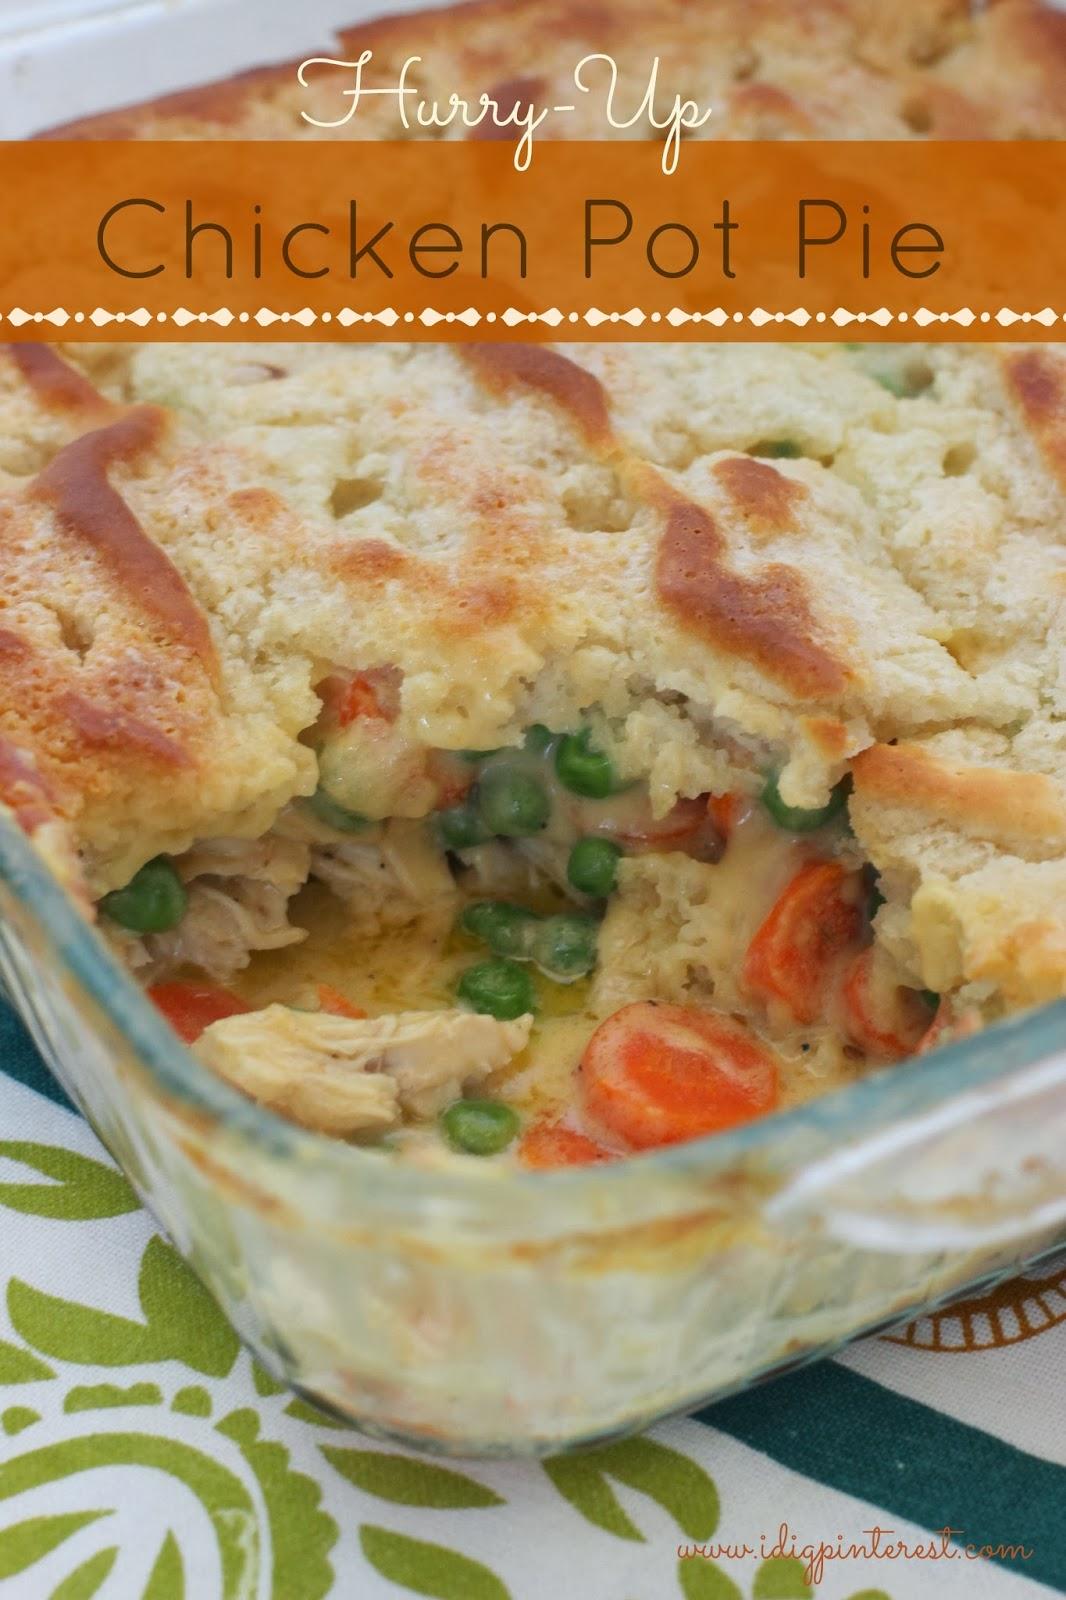 Dig Pinterest: Hurry-Up Chicken Pot Pie